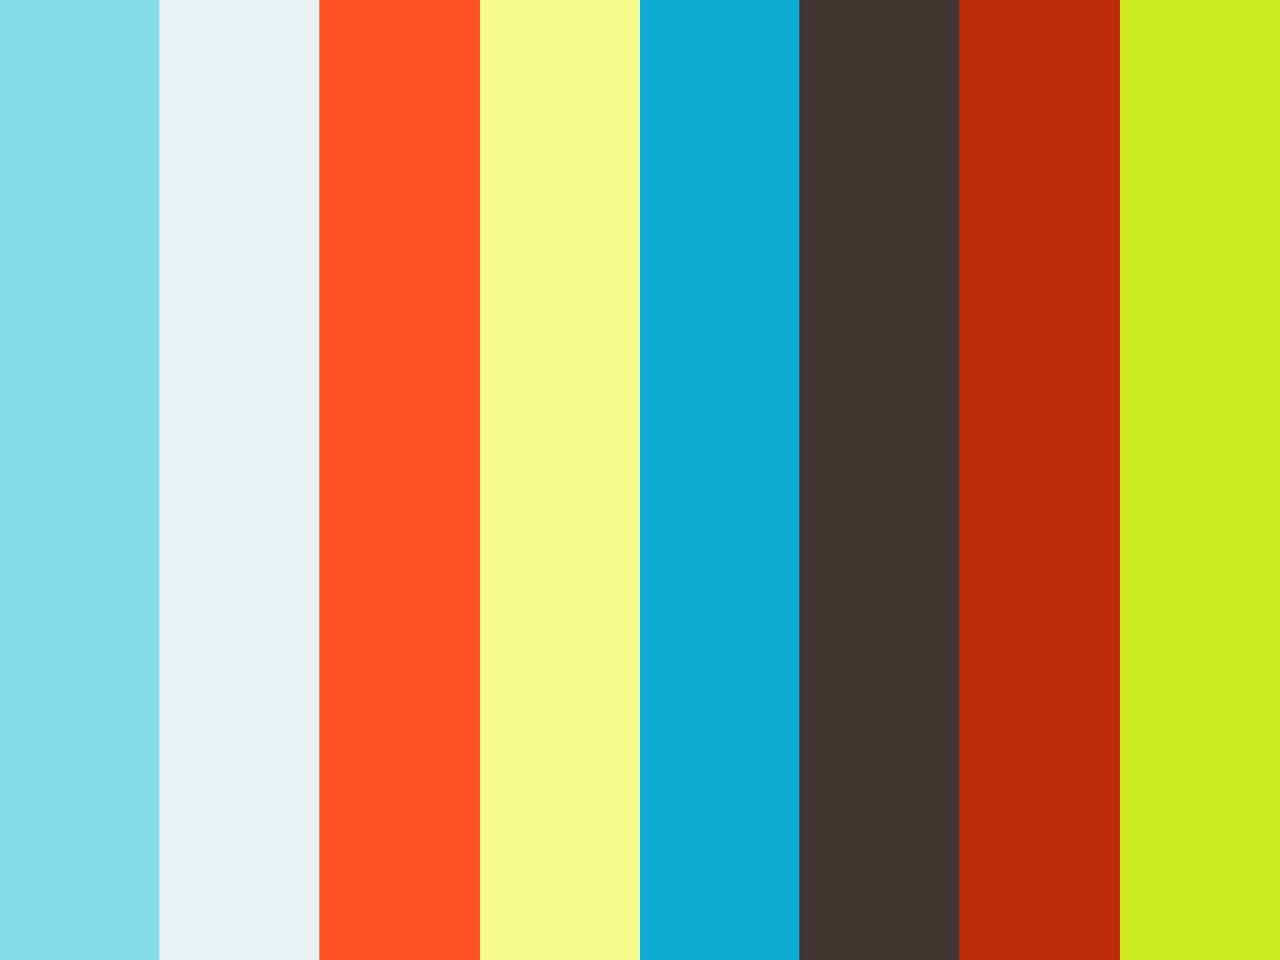 Blaesbjerg.com - Tryghed, skab dit eget rum